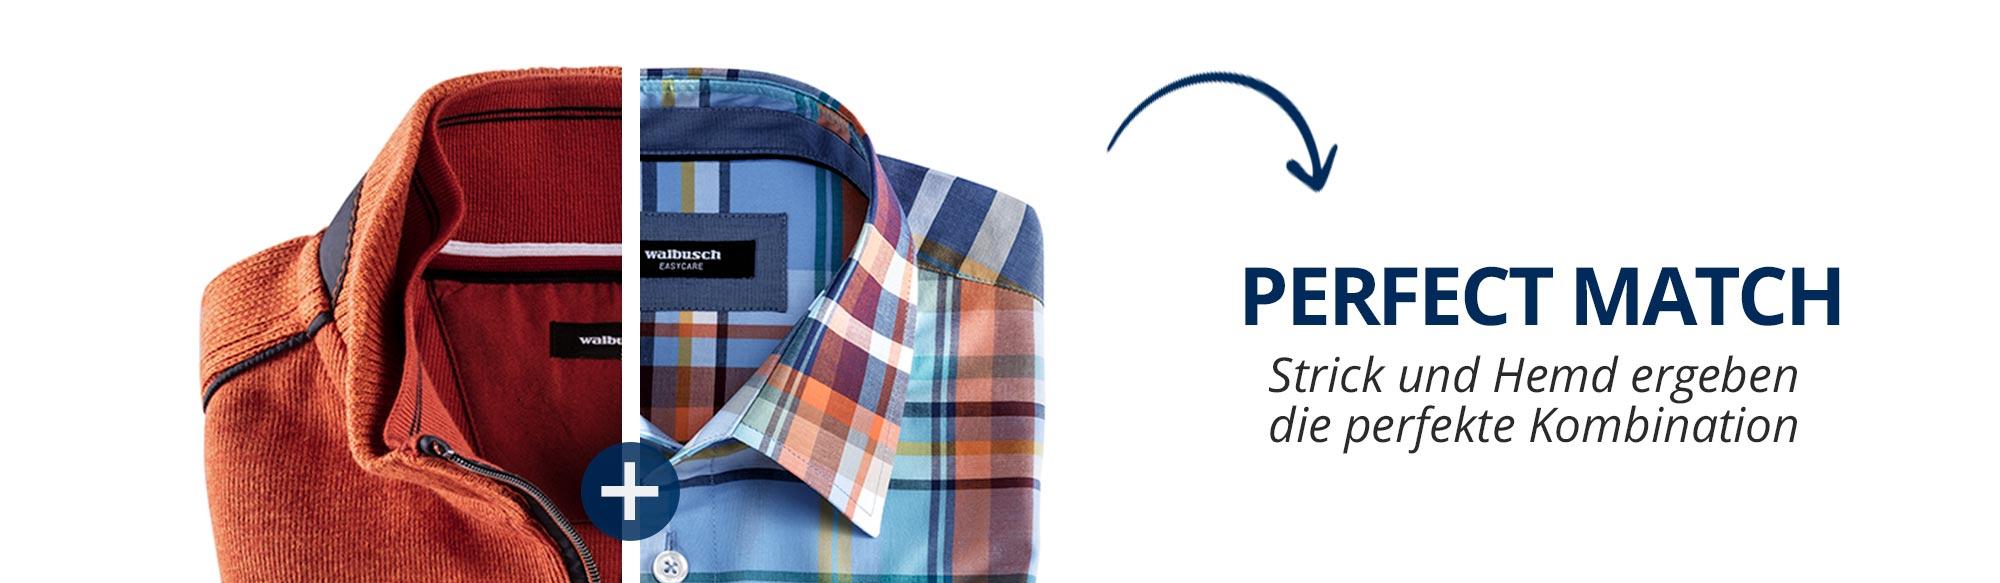 Perfect Match: Strick und Hemd ergeben die perfekte Kombiation